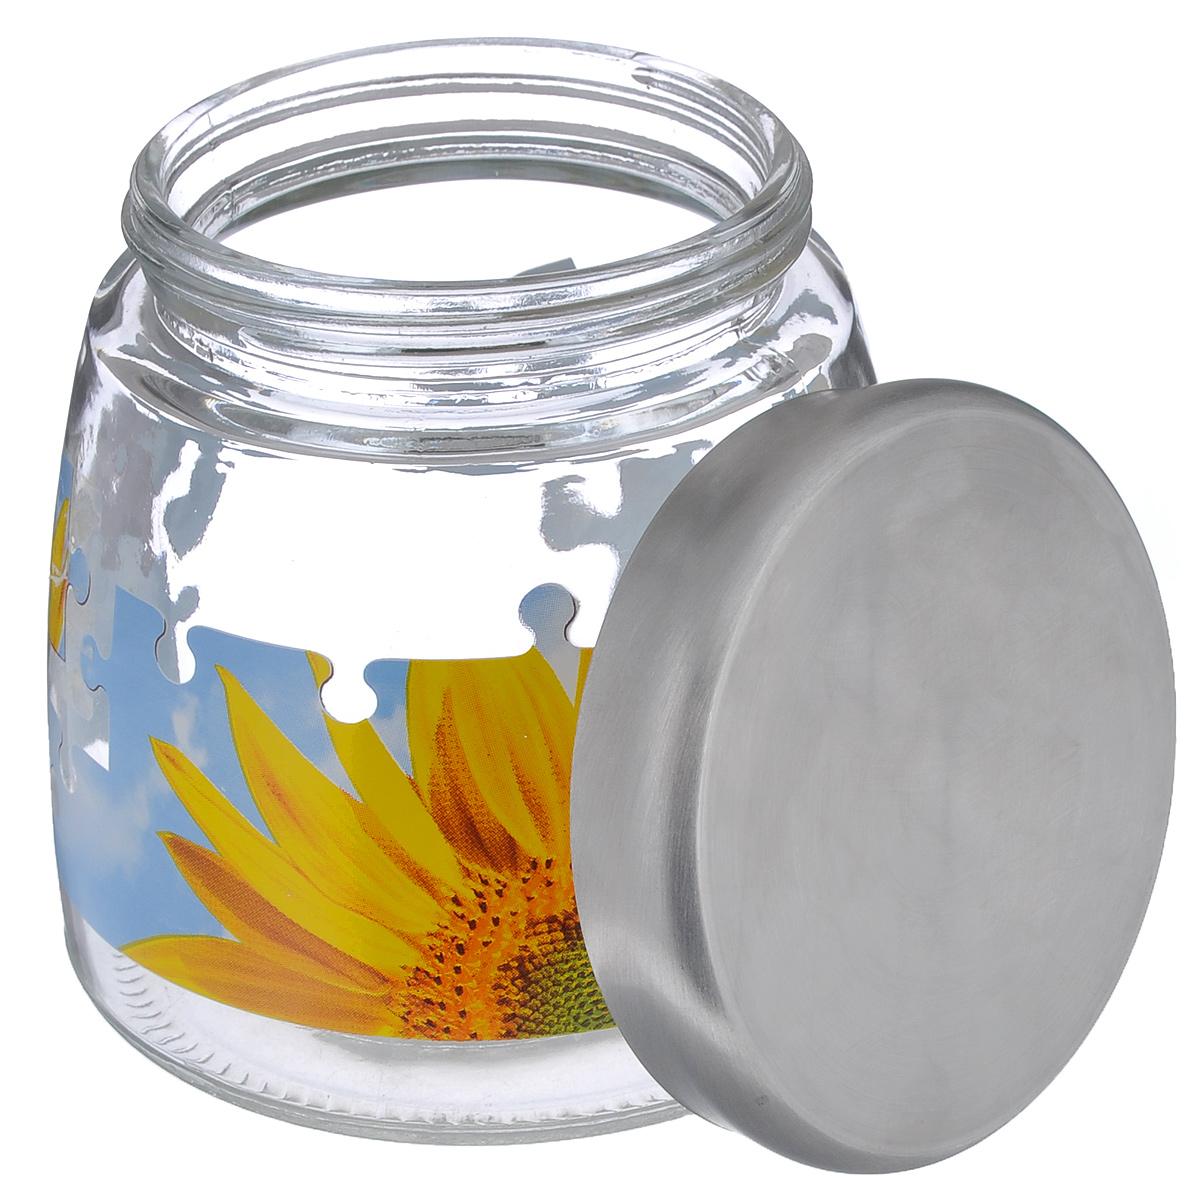 """Банка для сыпучих продуктов Cerve """"Пазл подсолнух"""", цвет: прозрачный, желтый, голубой, 980 мл"""